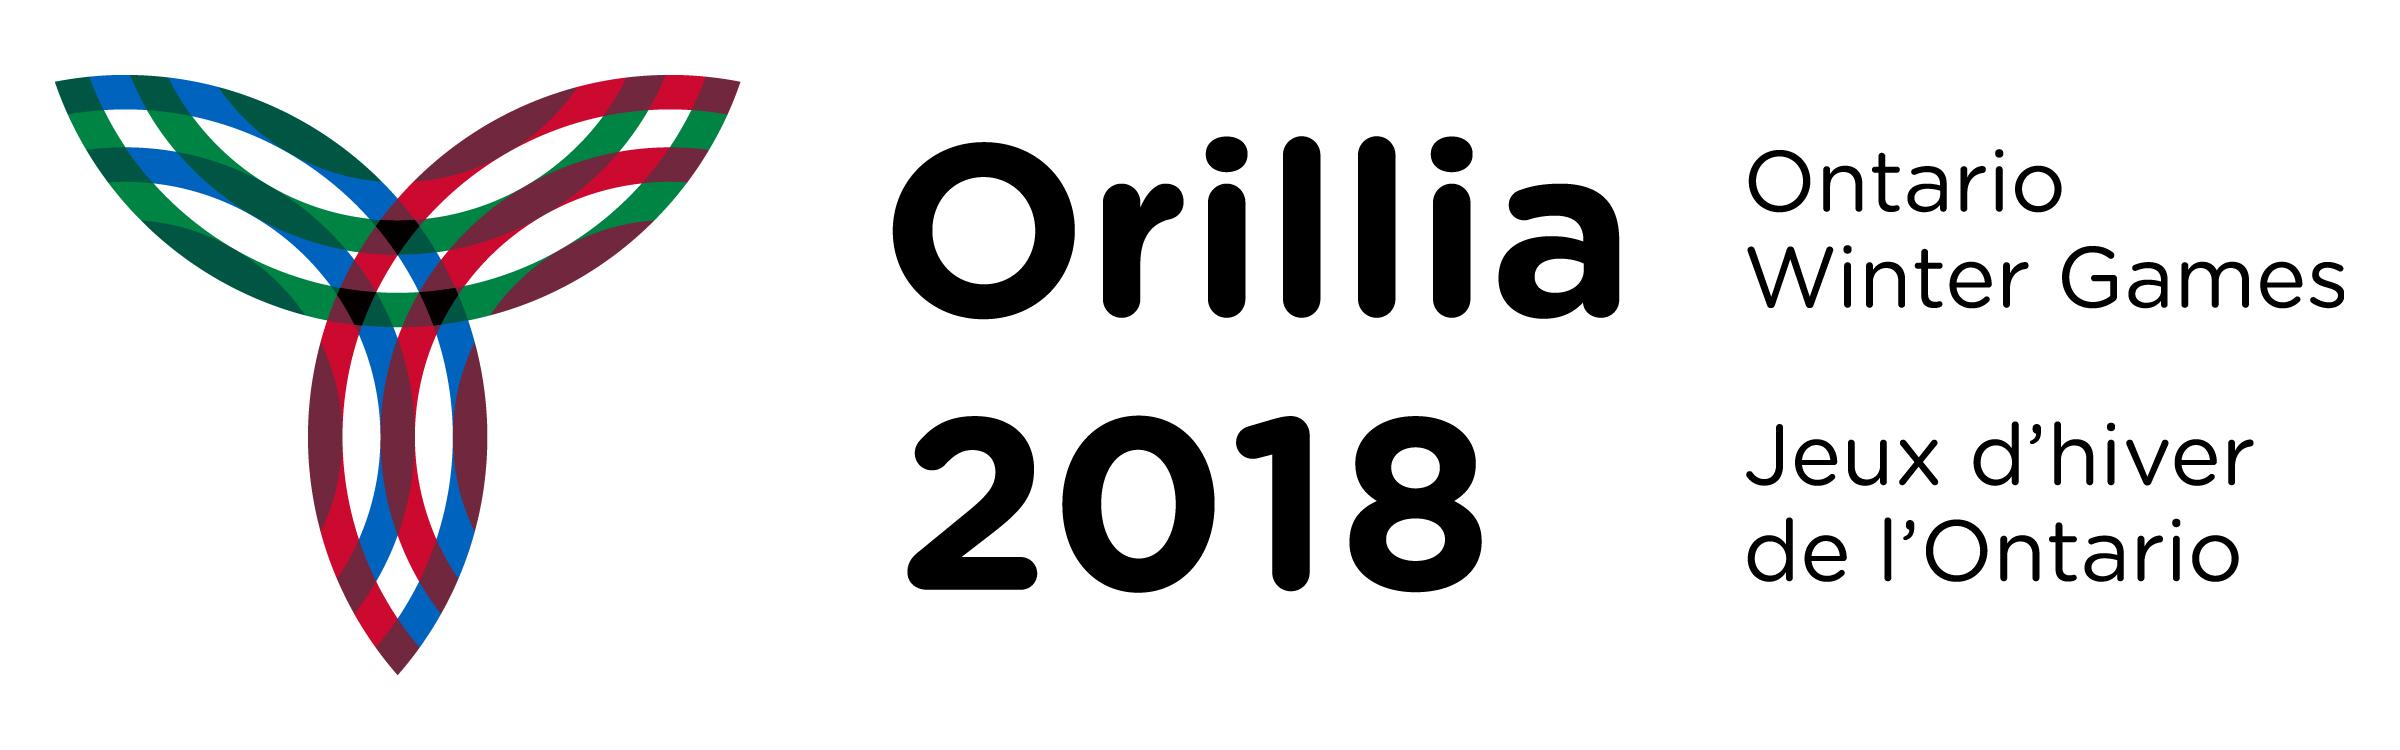 Orillia 2018